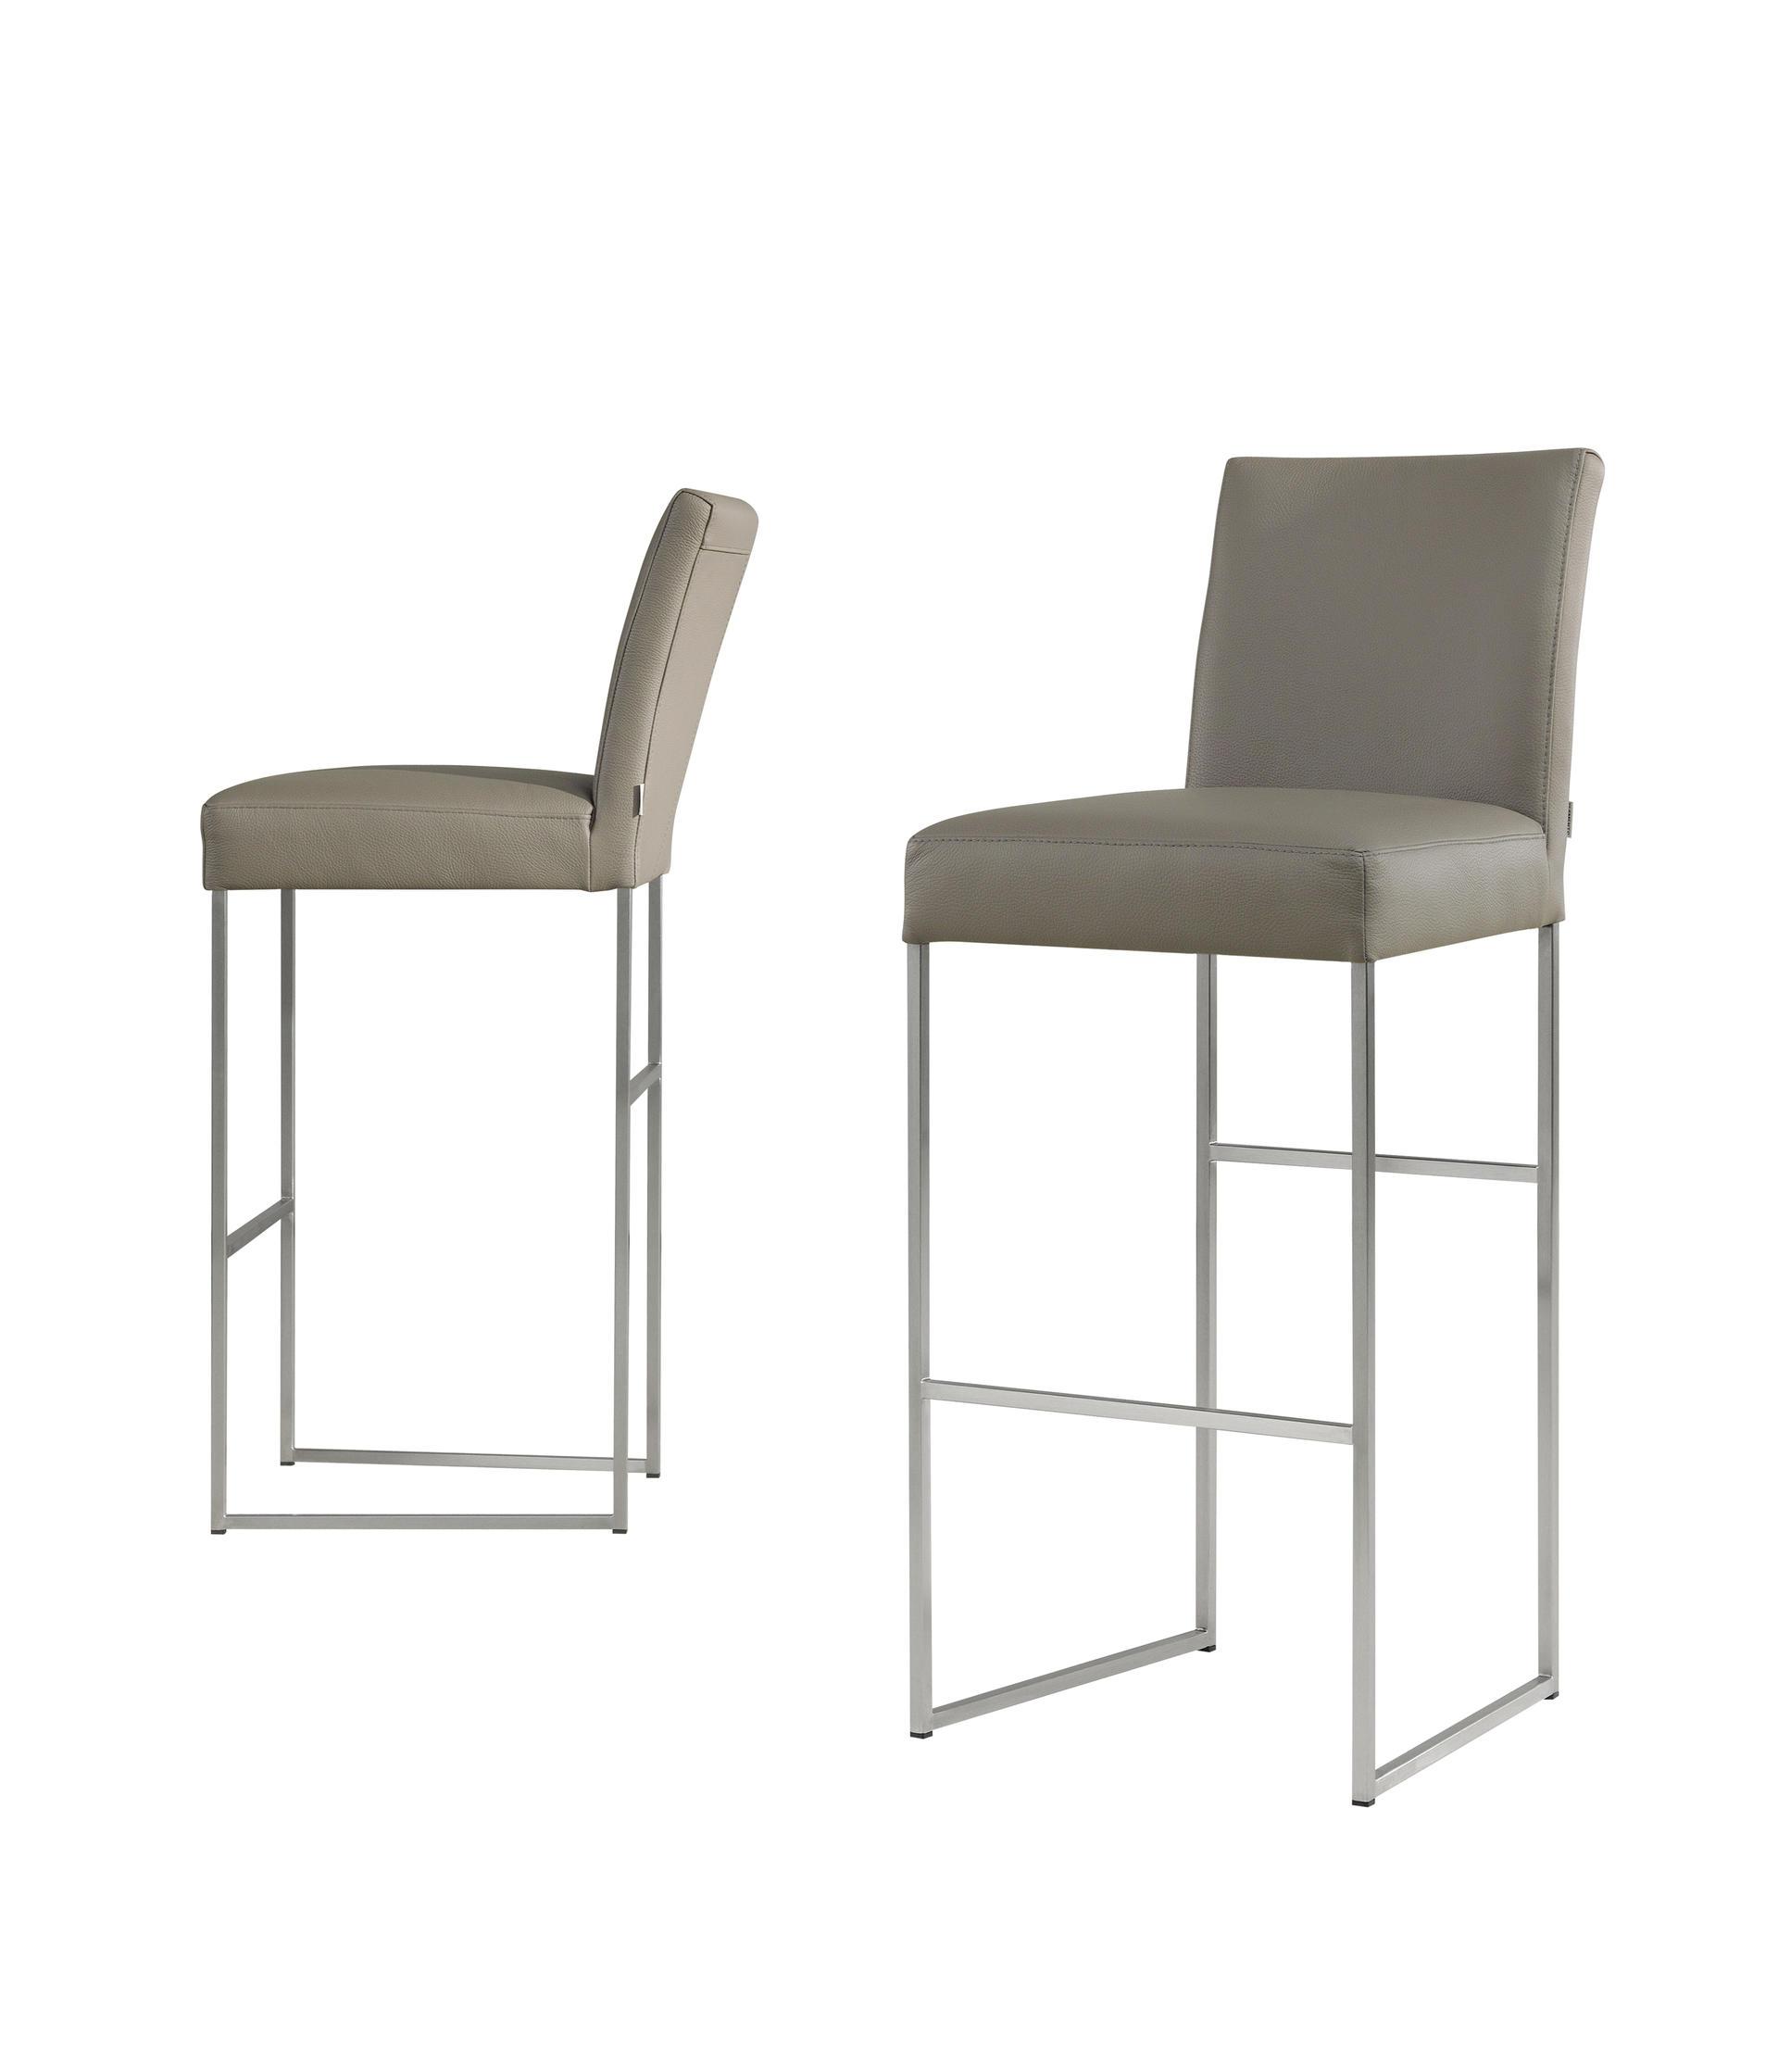 Барный стул Cheers, Bert Plantagie, фото 2